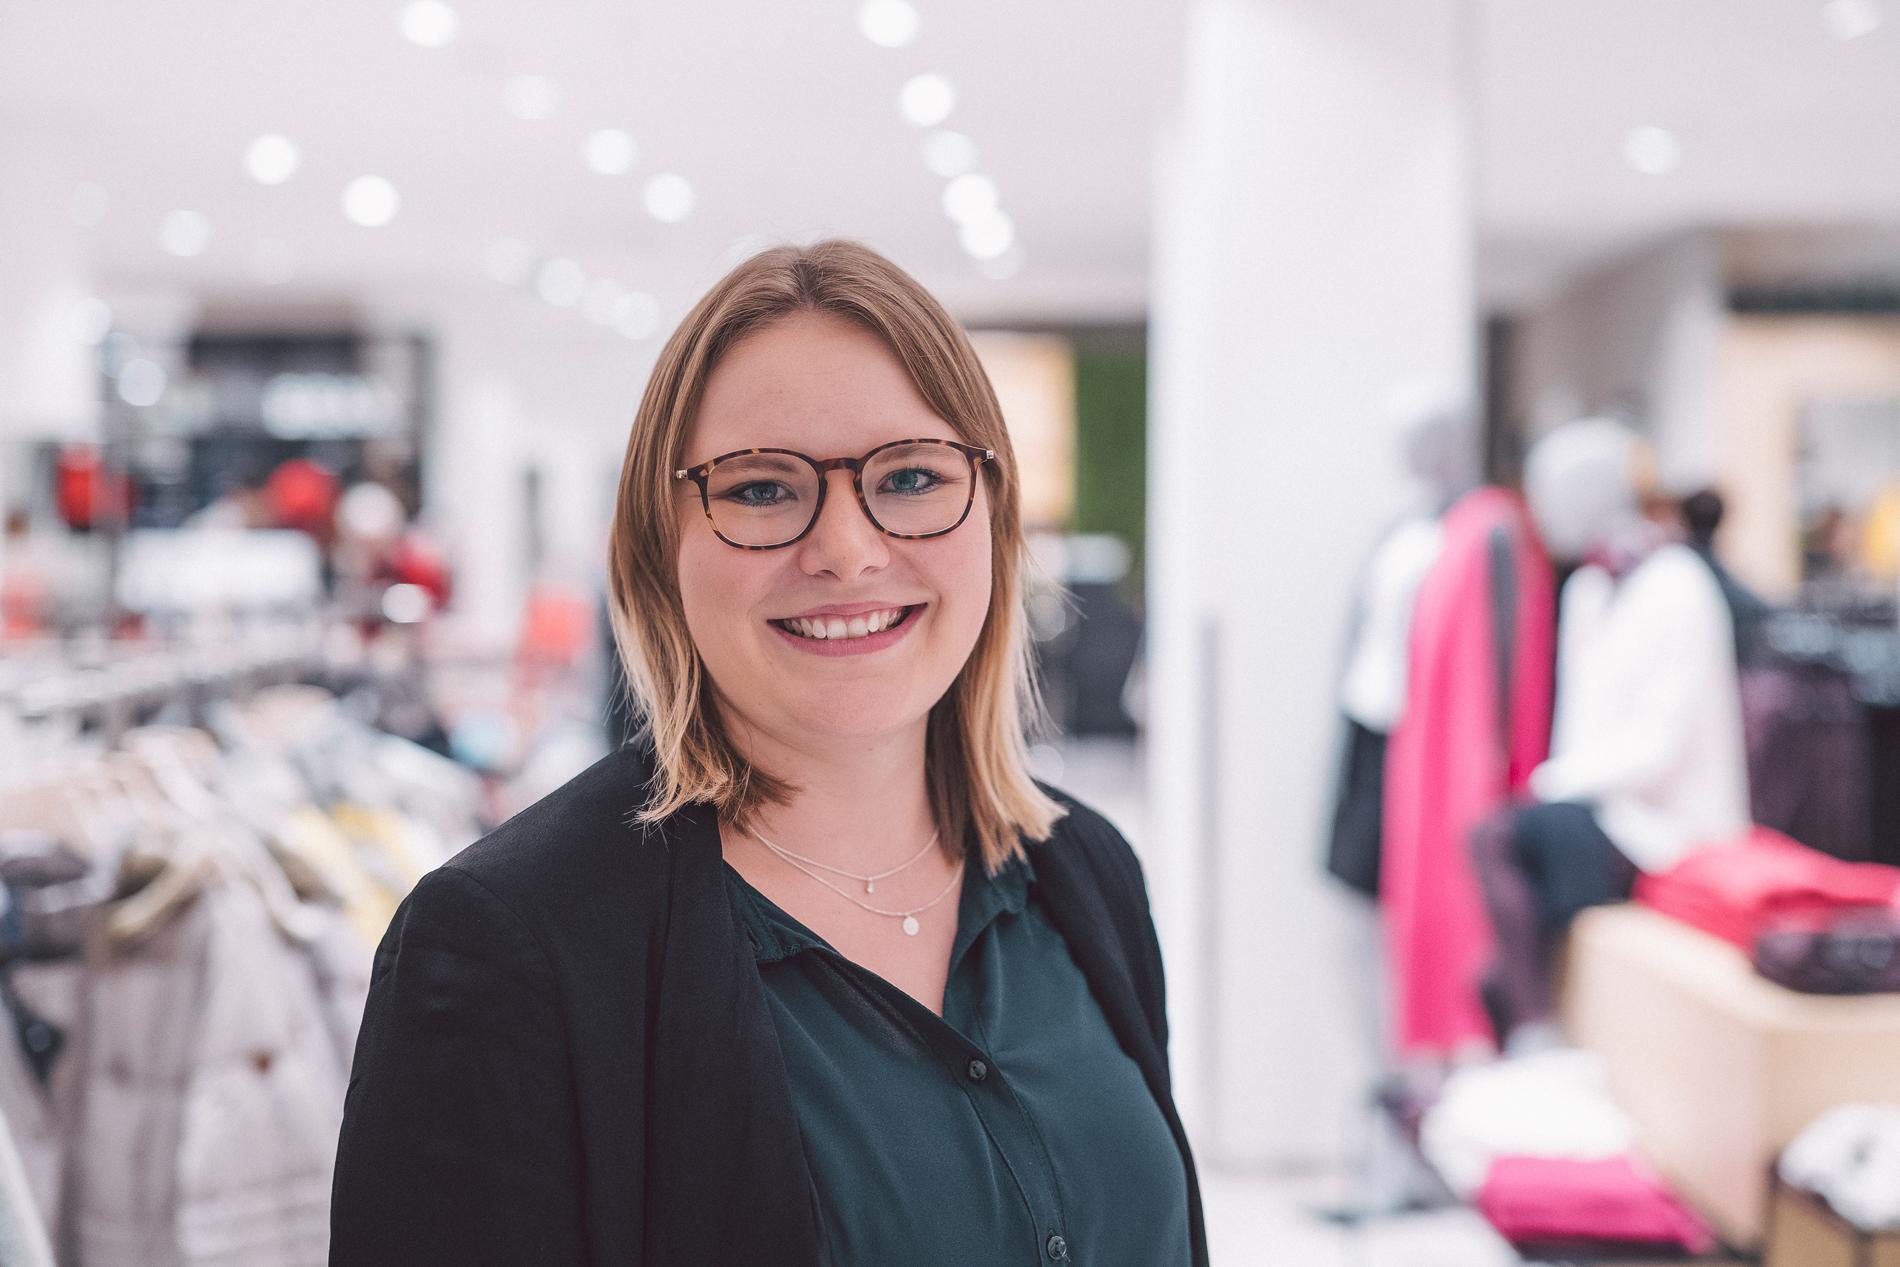 ModehausKuhn-LisaKavcic